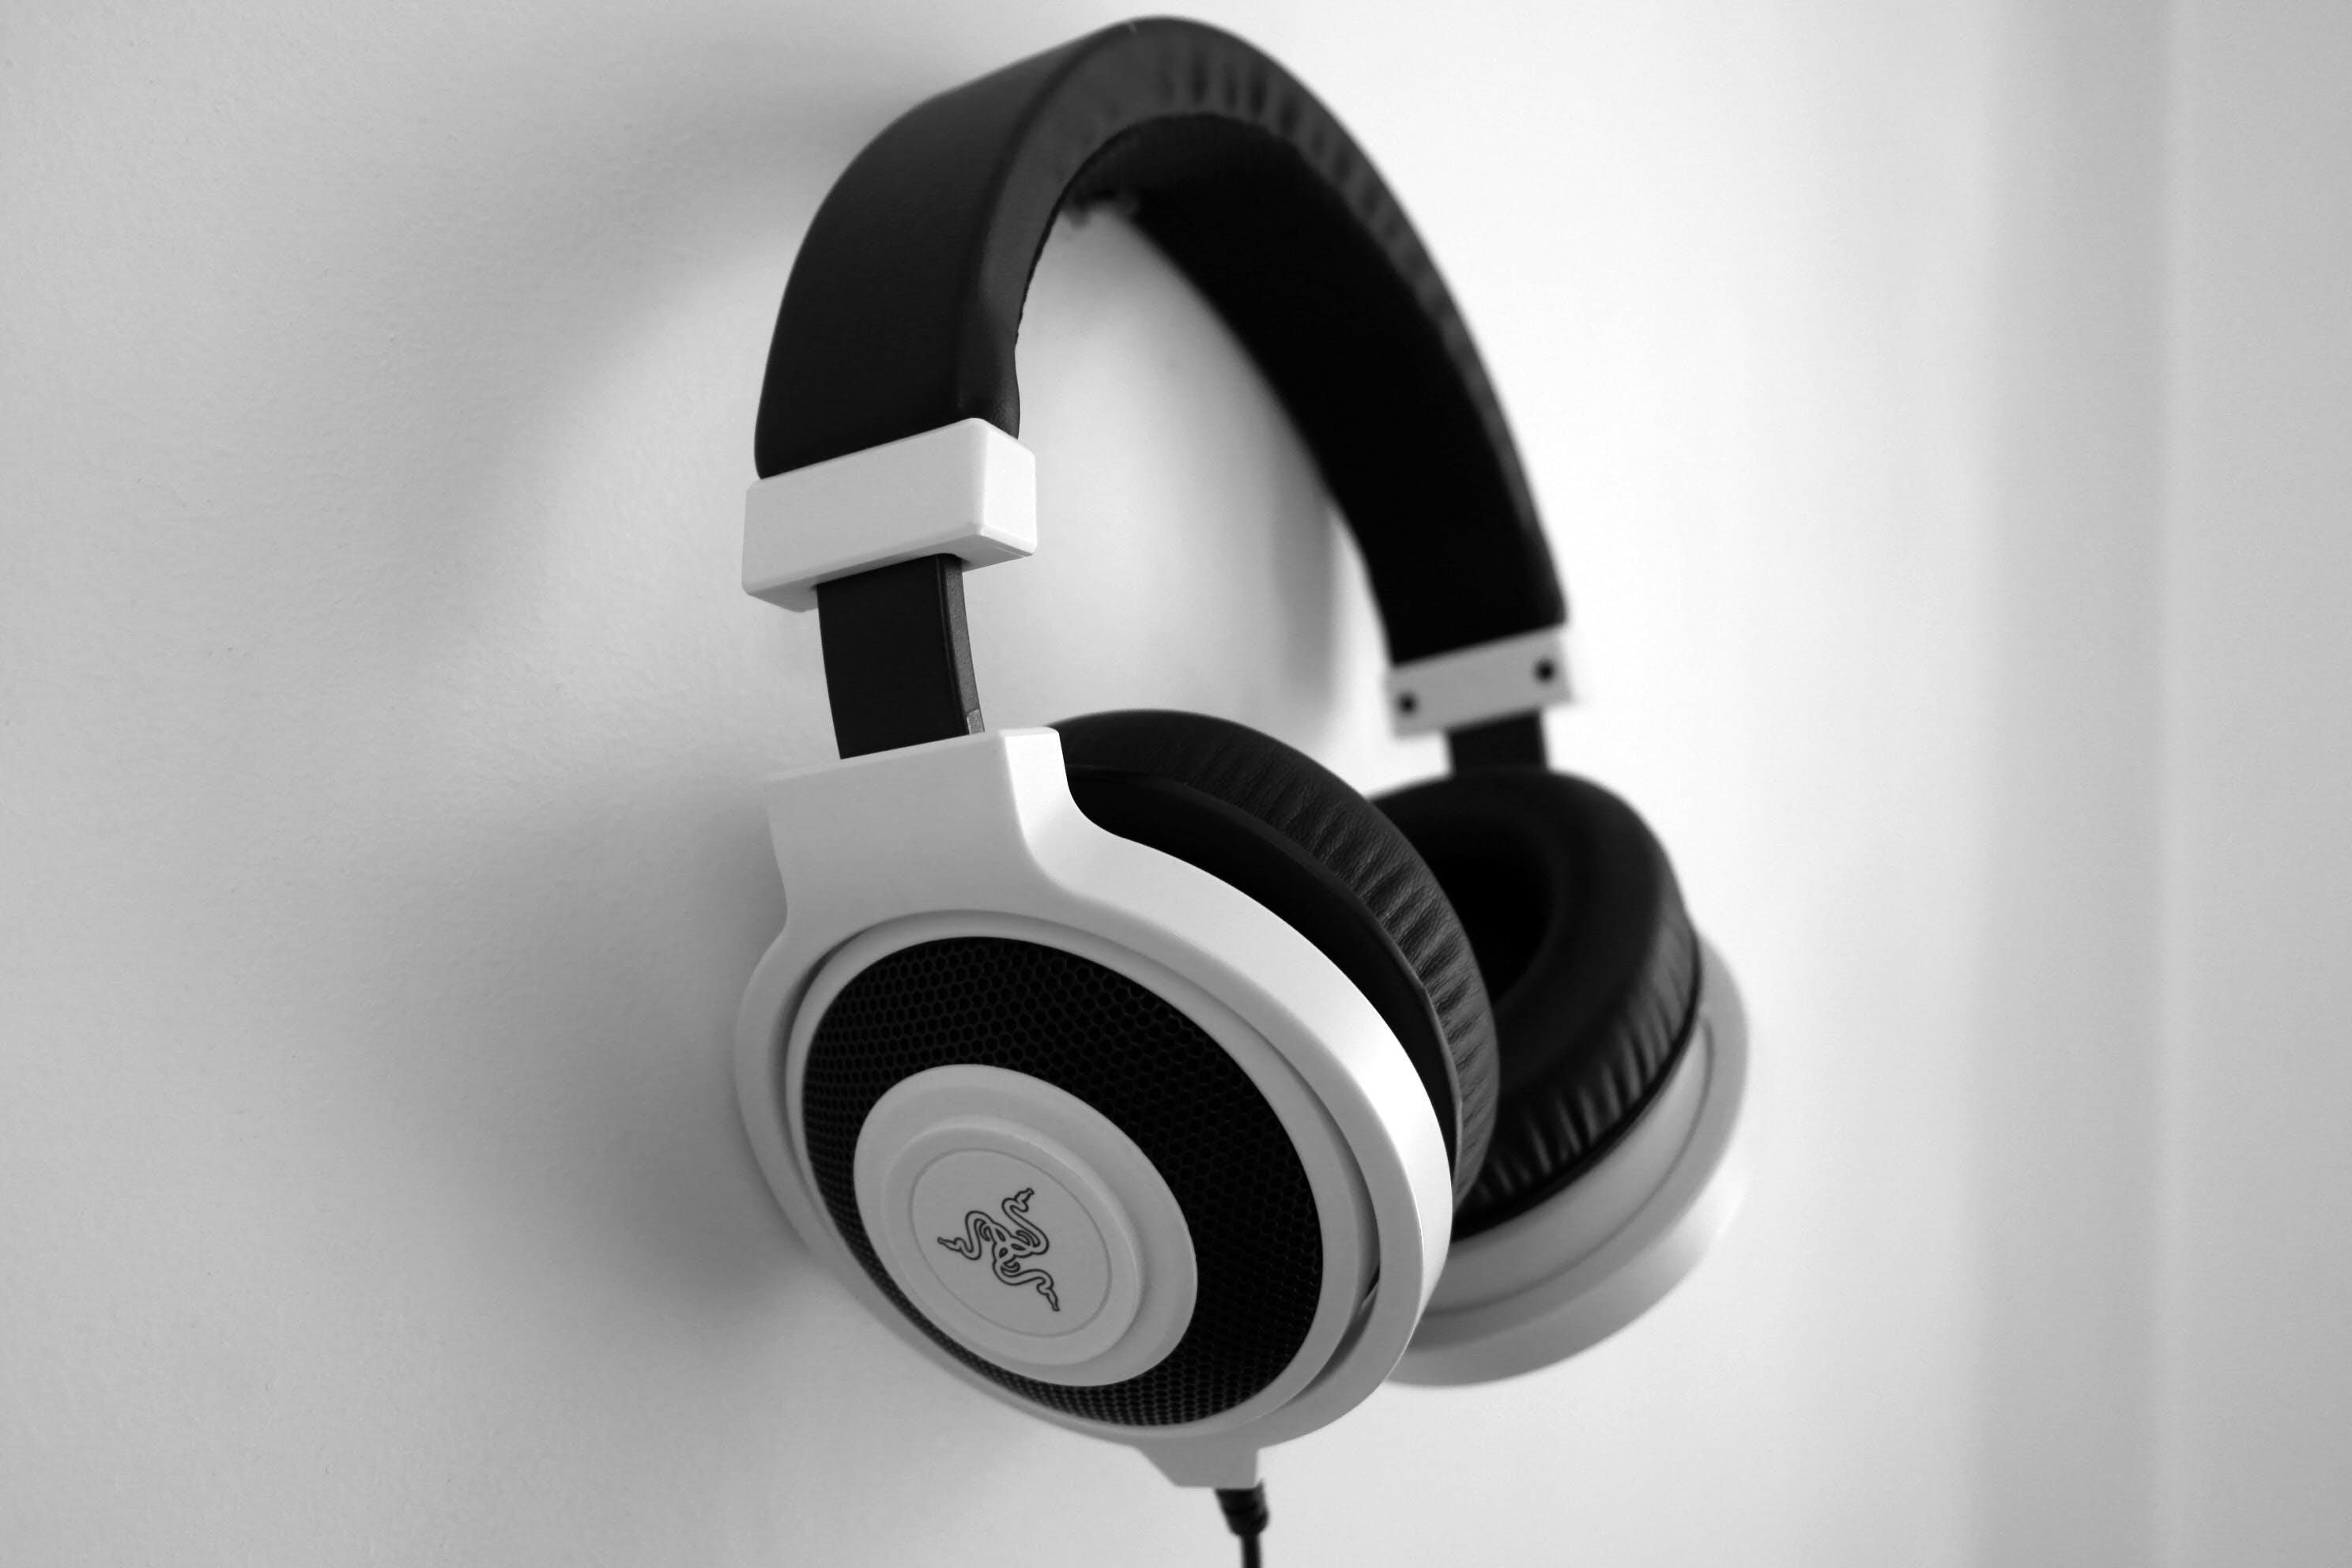 Gratis lagerfoto af close-up, hovedtelefoner, hængende, sort-hvid